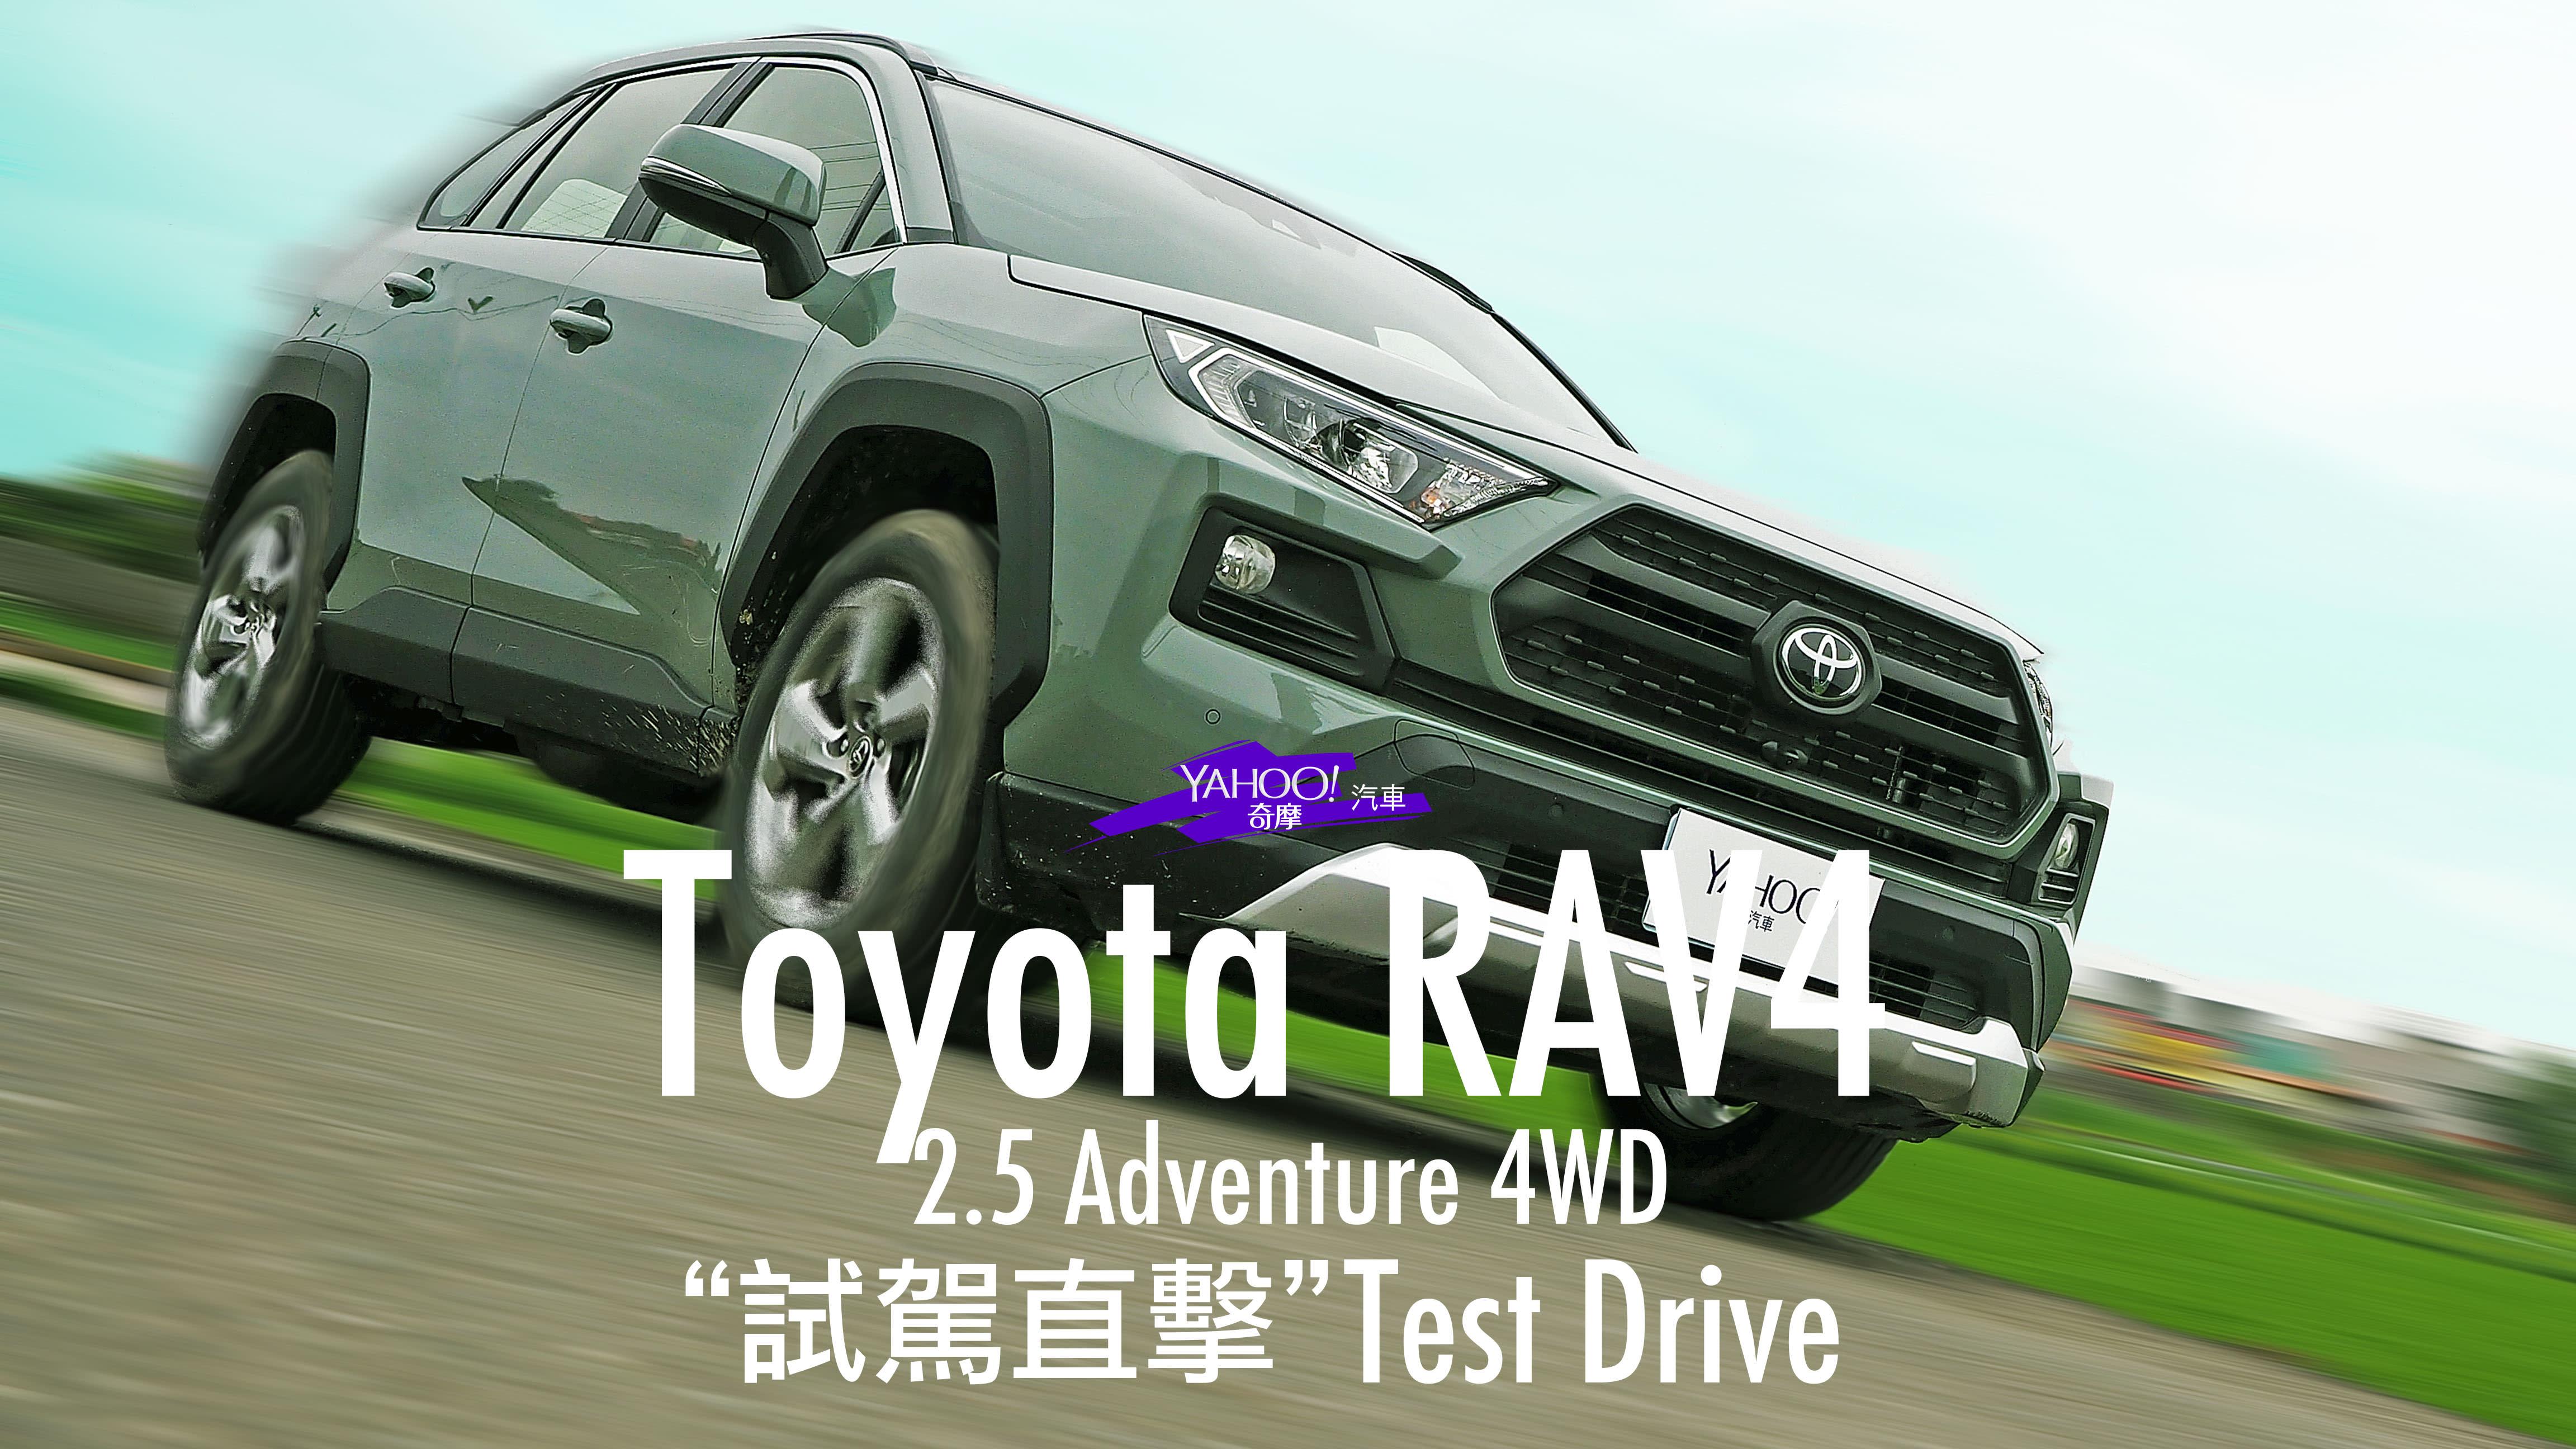 【試駕直擊】玩得放心、更開心!2019 Toyota RAV4 2.5 Adventure 4WD宜蘭城郊試駕